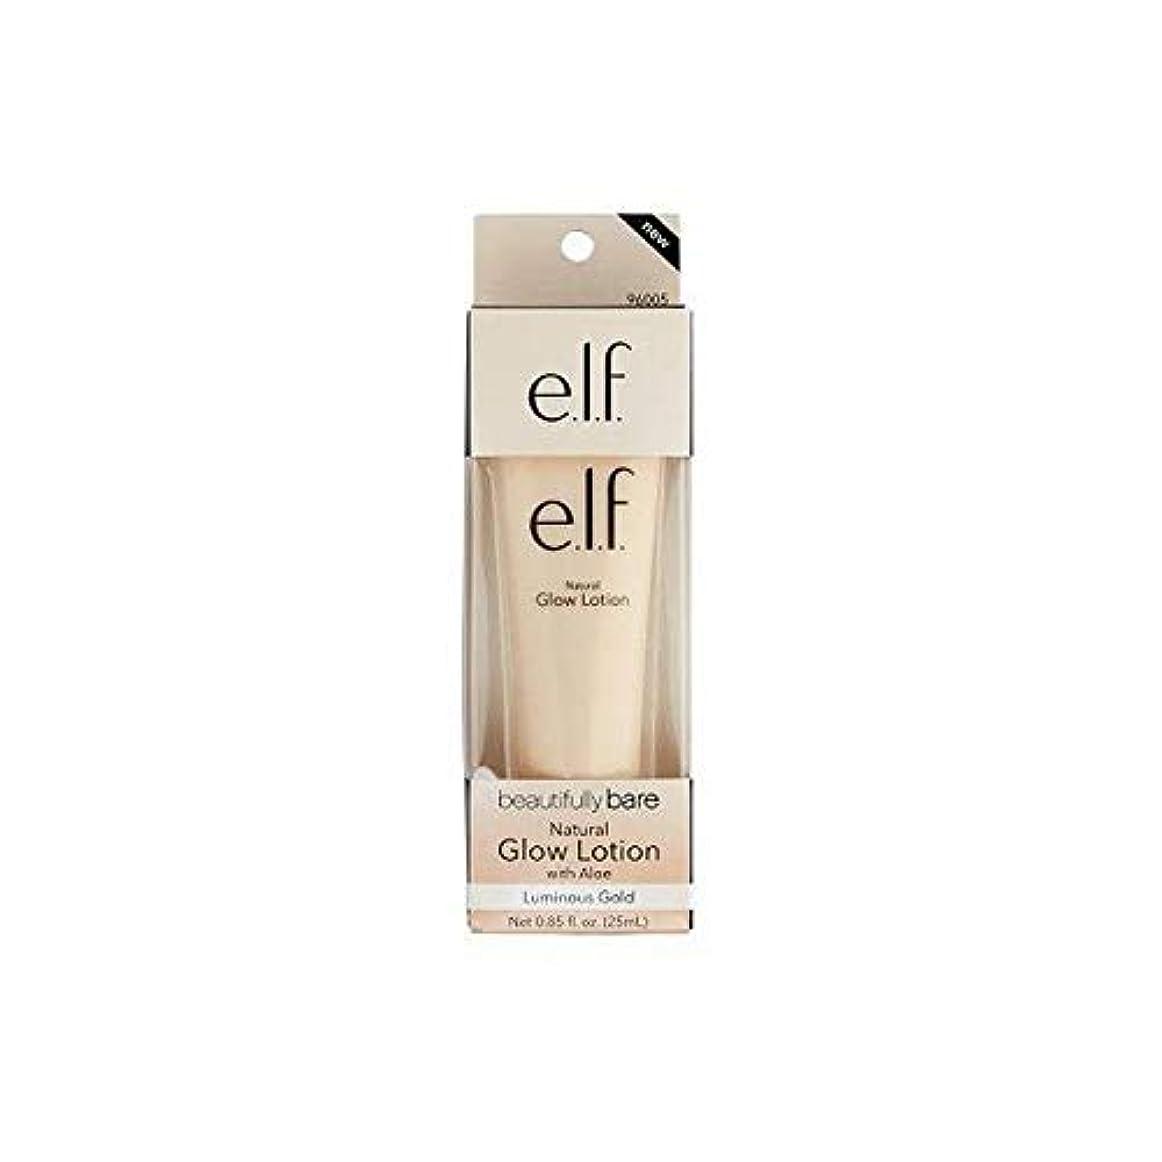 素晴らしい検出奨学金[Elf ] エルフ。美しく裸自然グローローション金 - e.l.f. Beautifully Bare Natural Glow Lotion gold [並行輸入品]